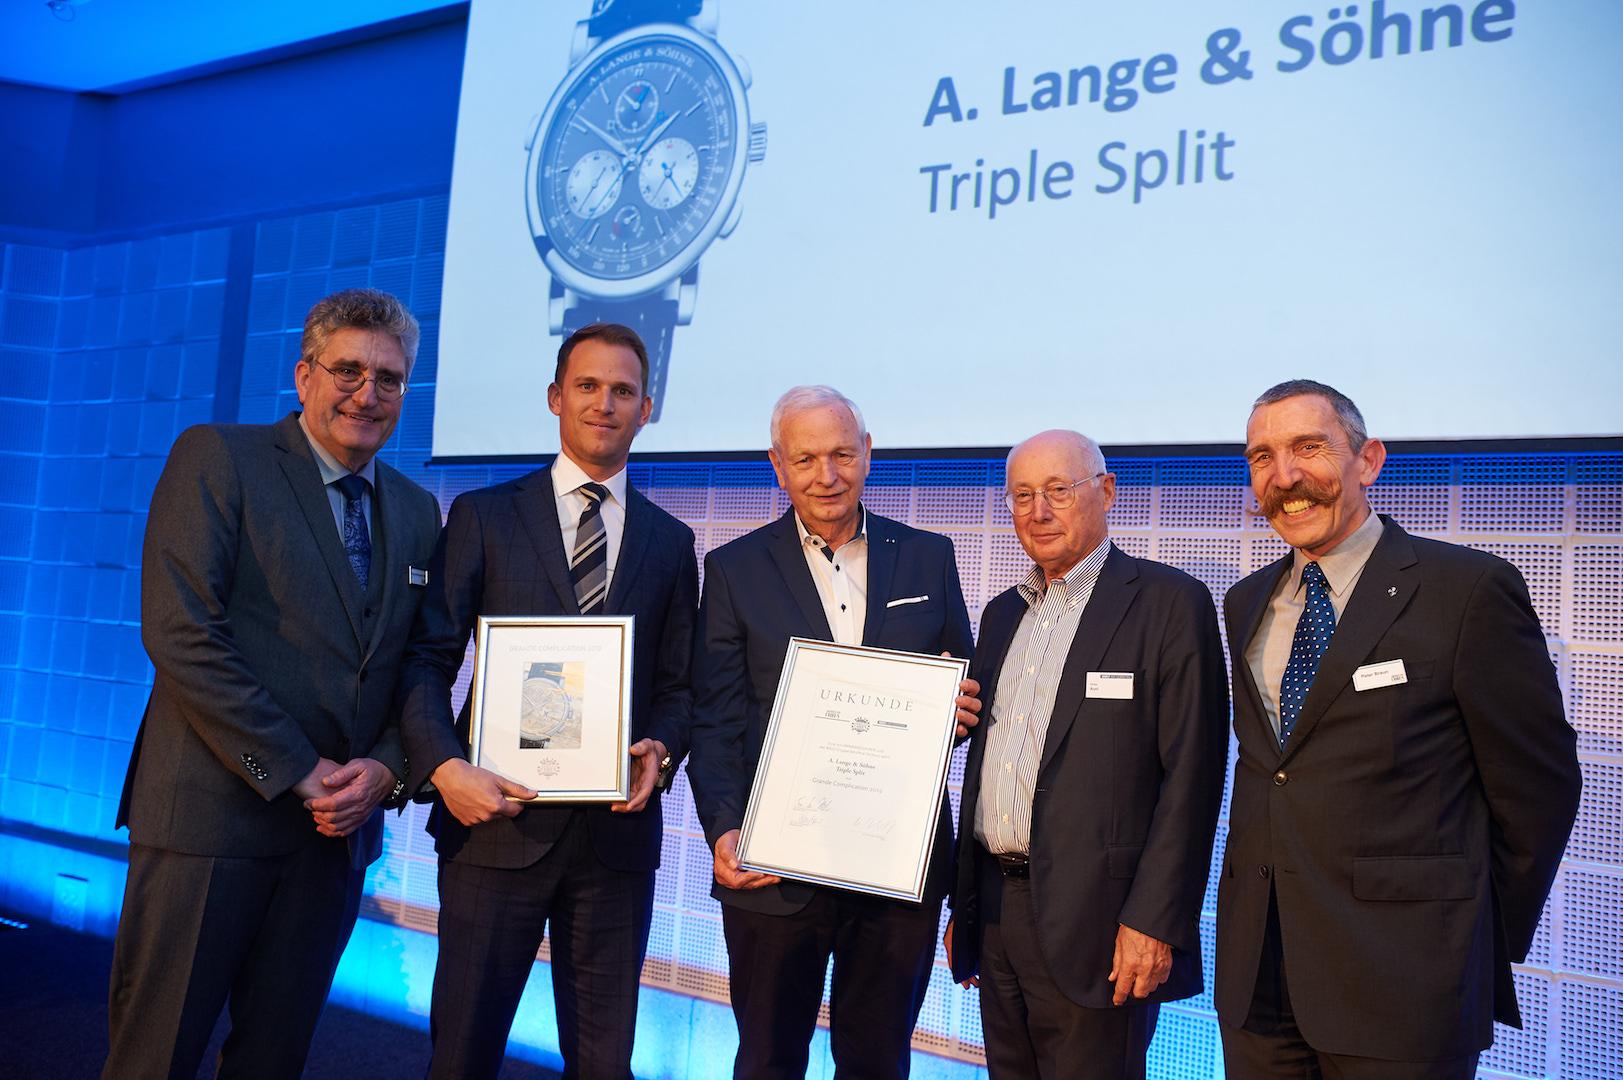 Den Jurypreis für die Grande Complication des Jahres 2019, den Triple Split von A. Lange & Söhne, nahmen Brand Manager Leonard Pictet und Lange-Urgestein Hartmut Knothe entgegen.